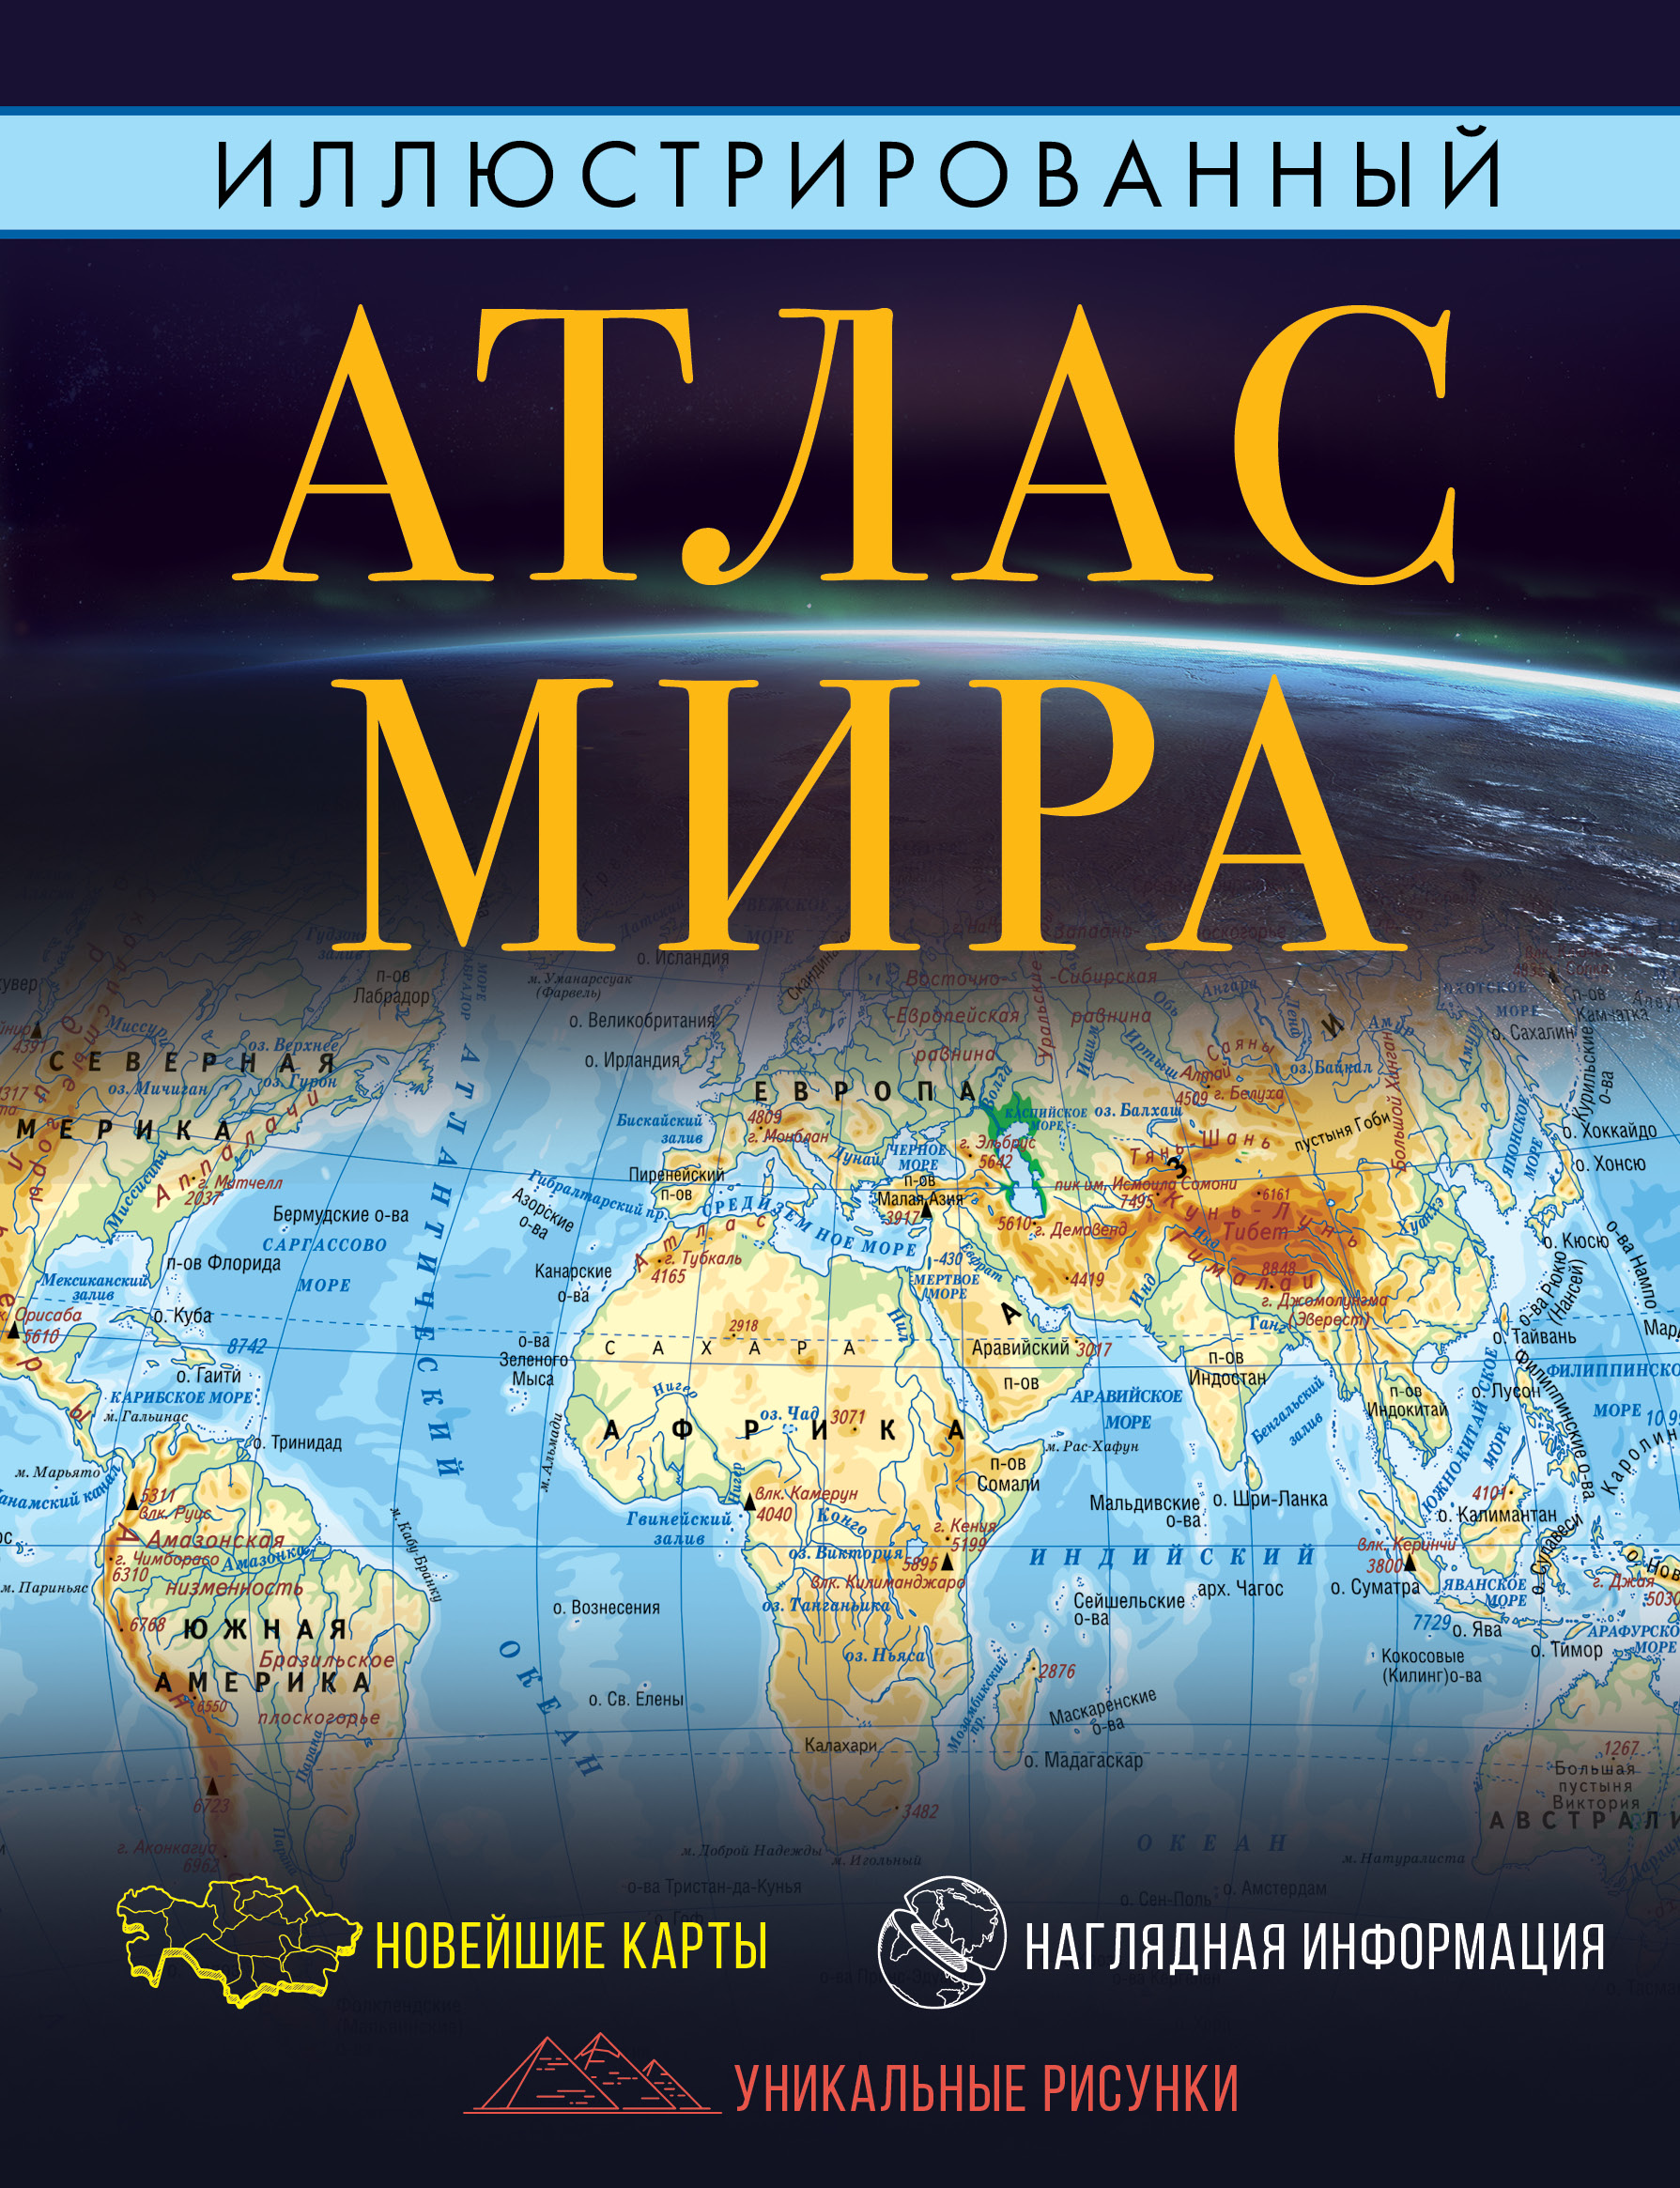 Иллюстрированный атлас мира иллюстрированный атлас географических открытий карты цифры факты гипотезы сравнения